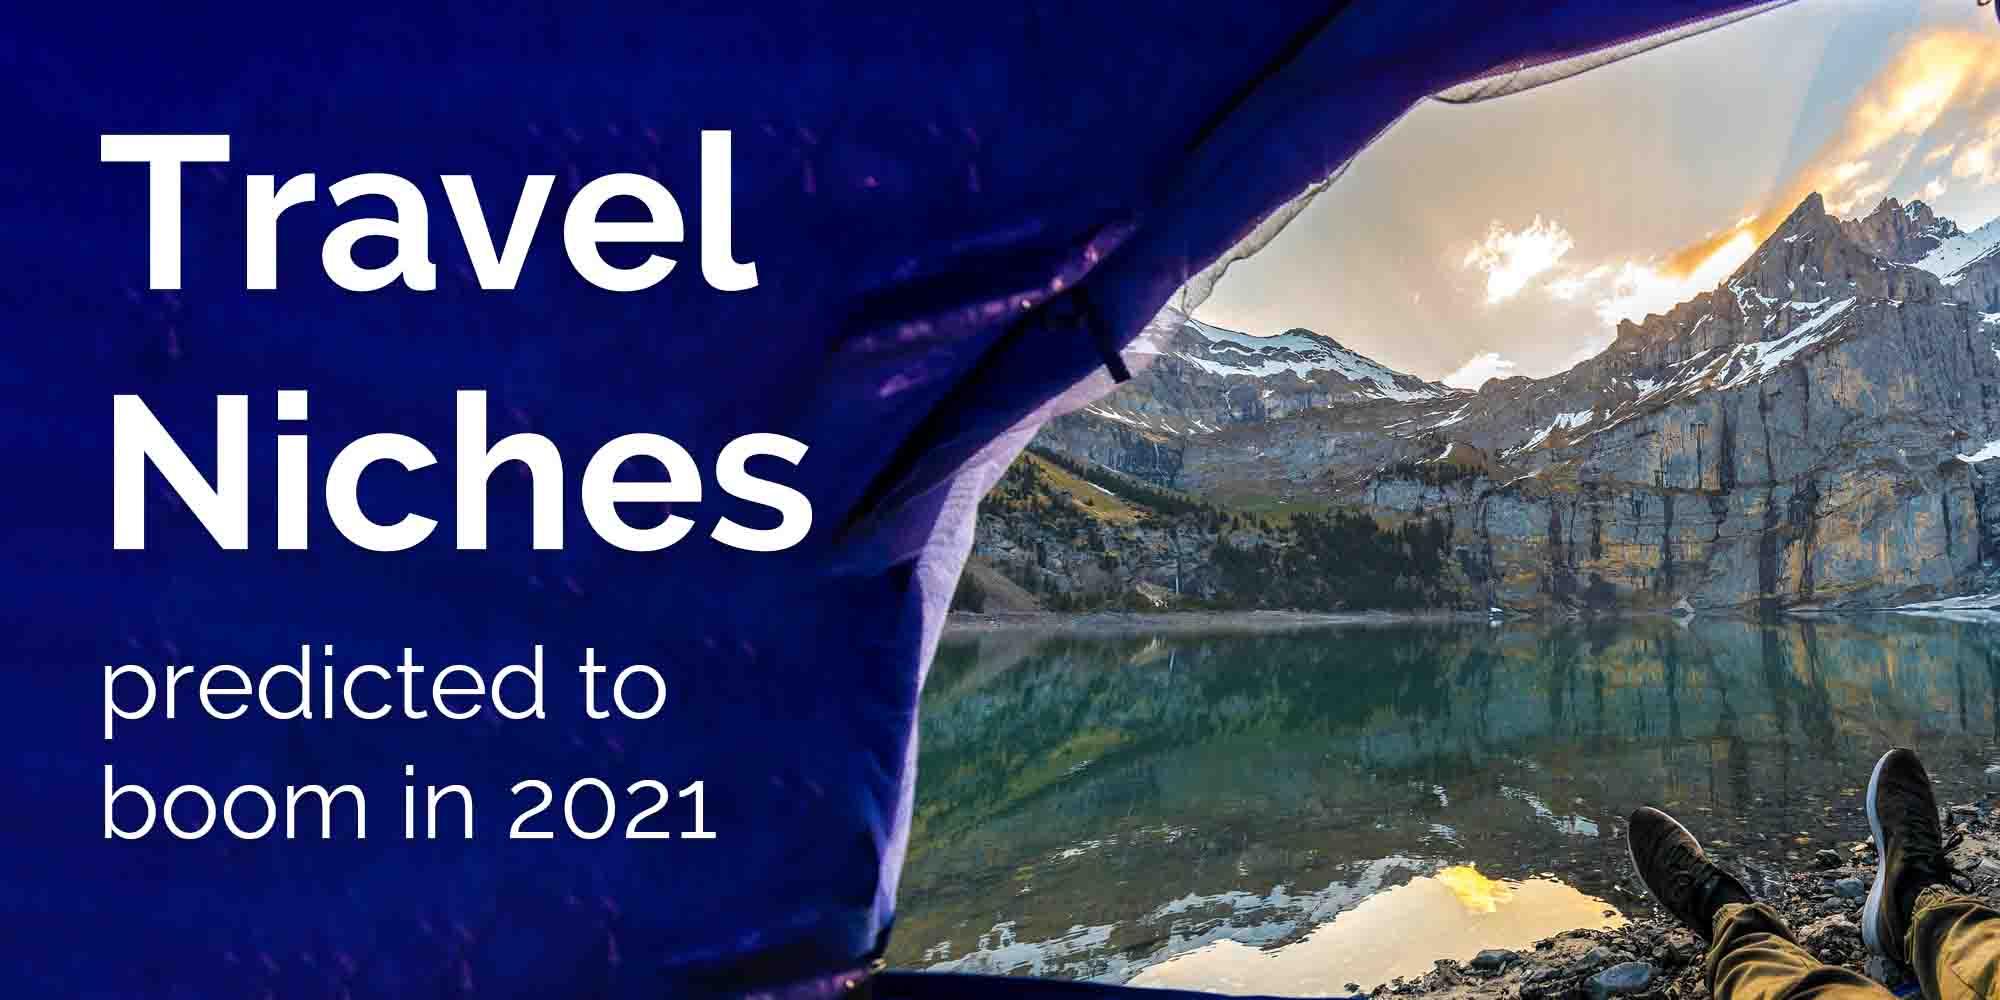 Travel Niches 2021